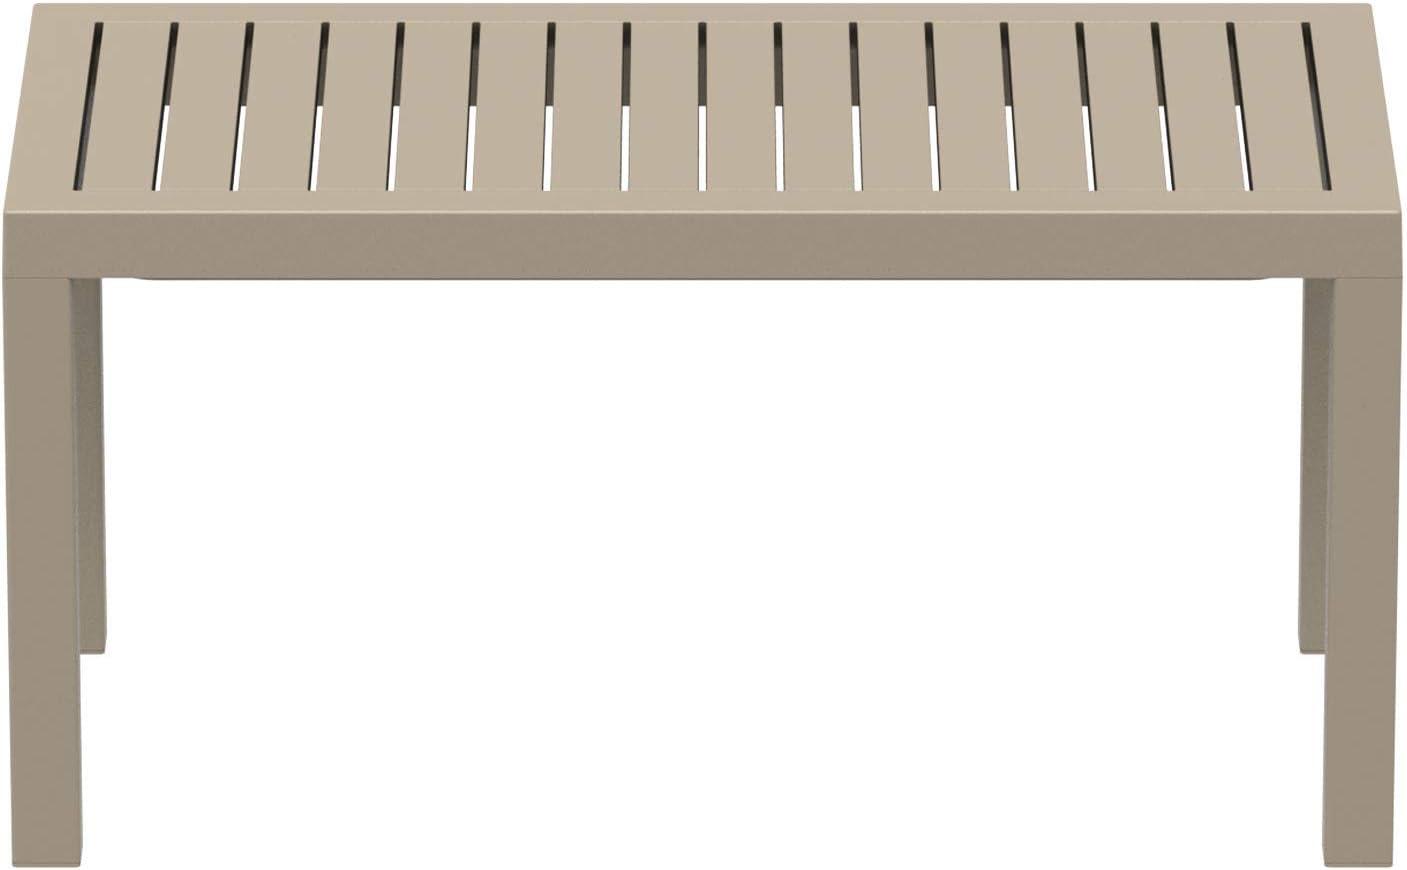 Tavolino Salotto Giardino in Robusta Plastica Resistente ai Raggi UV e Facile da Pulire I Tavolo caff/è da Balcone Alt 45 cm Tortora CLP Tavolo Giardino Rettangolare Ocean in Polipropilene